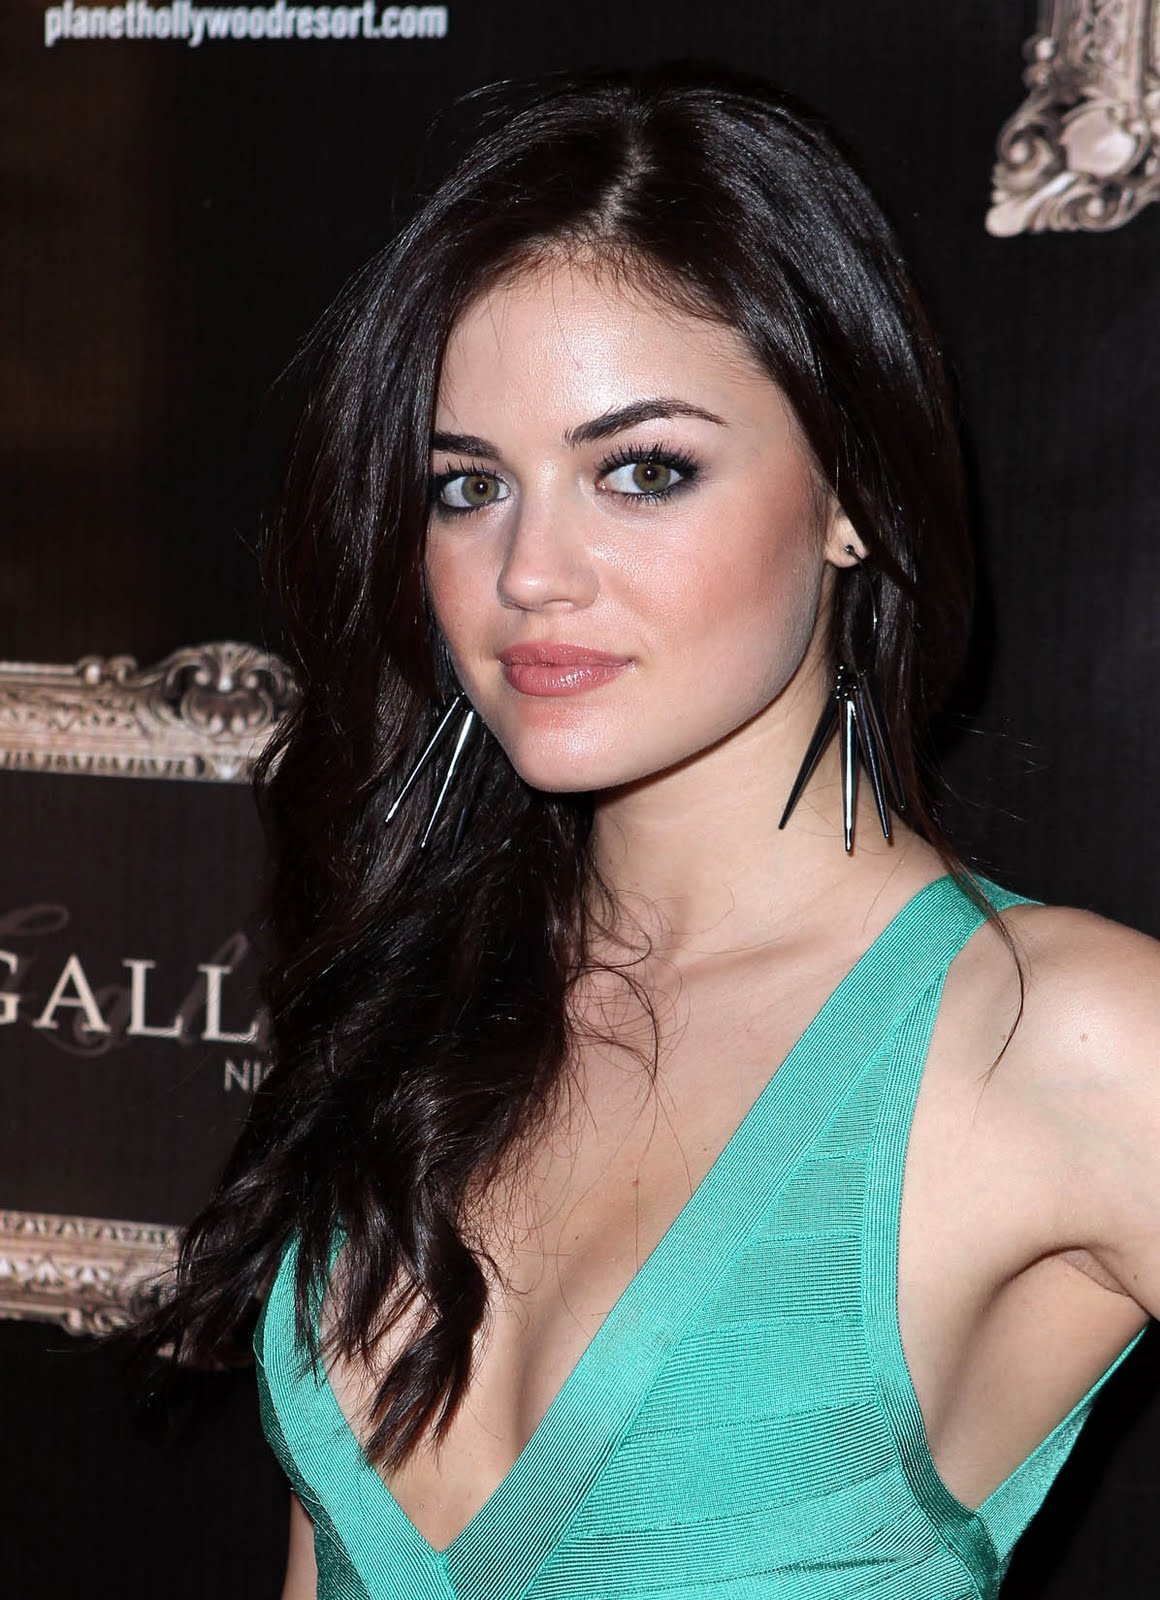 Lucy doll porn hd